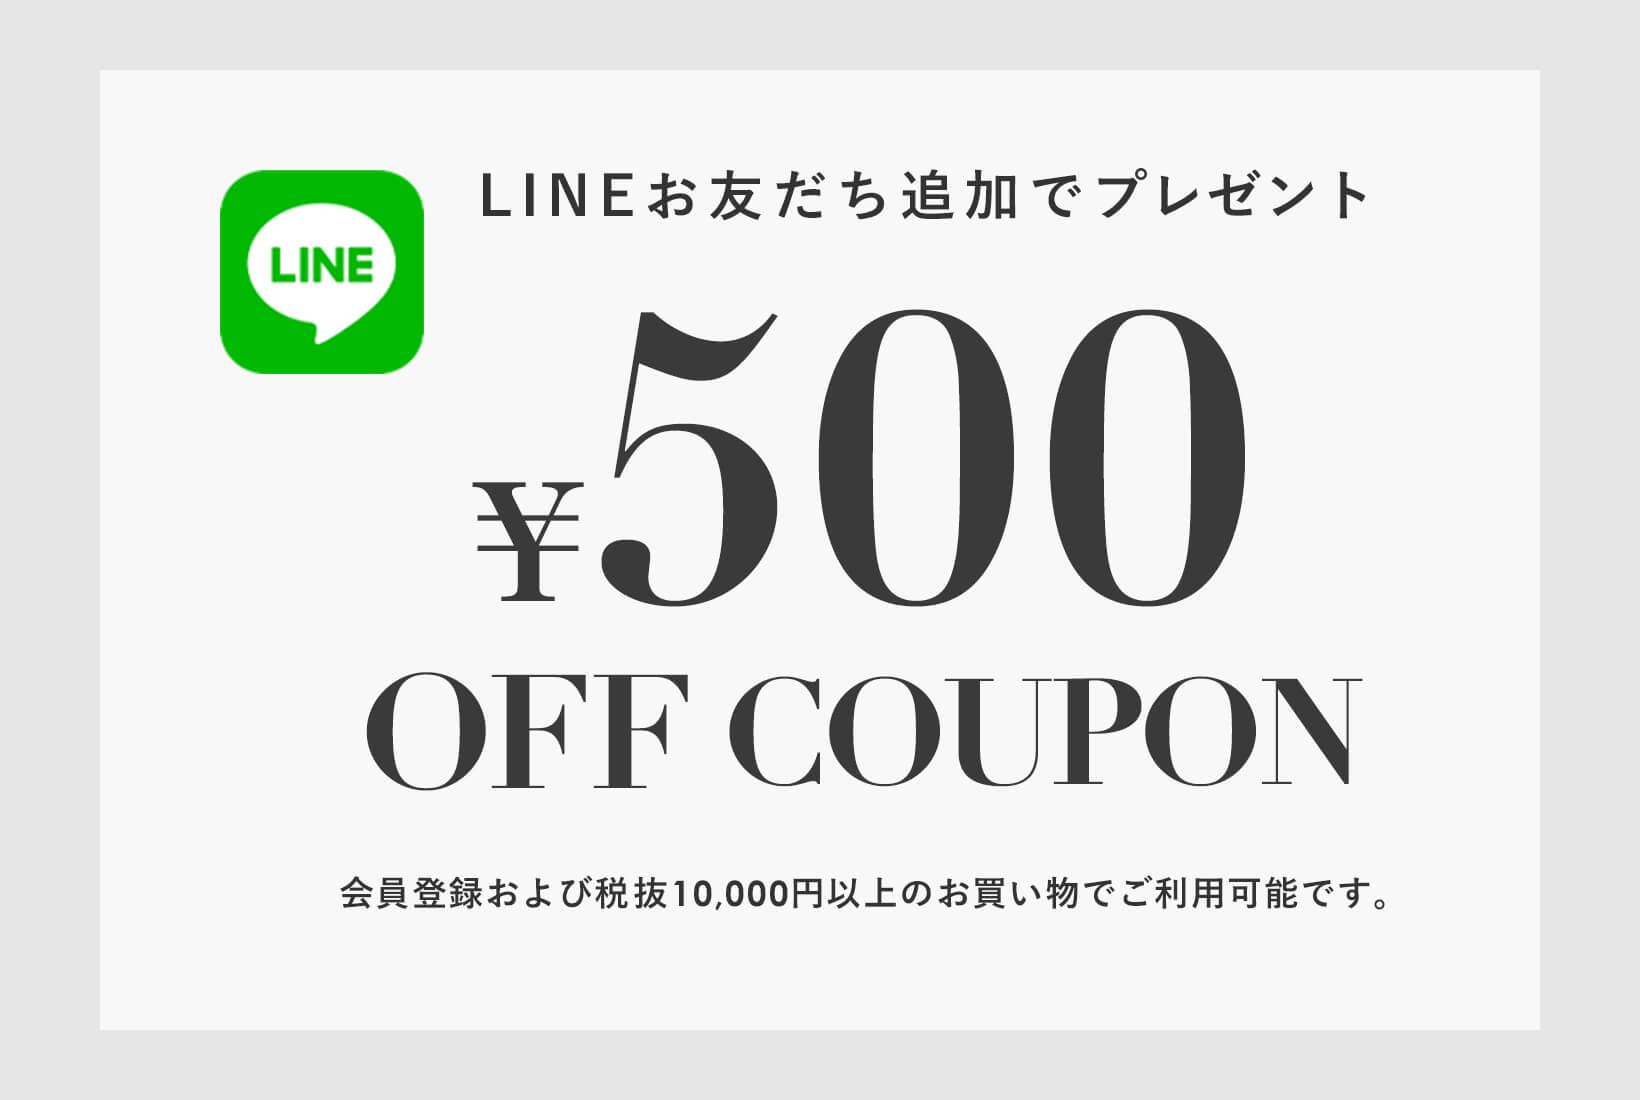 LINE公式アカウントお友だち追加で¥500クーポンプレゼント